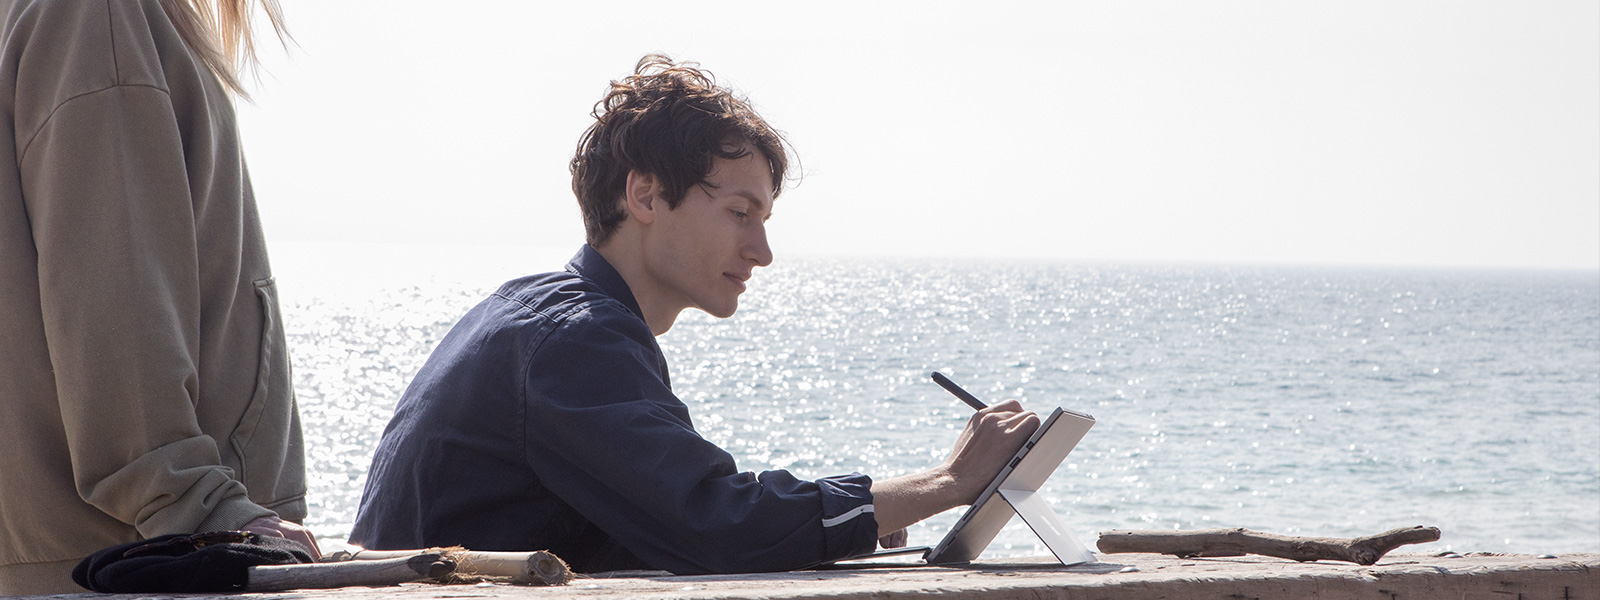 男人在戶外使用 Surface Pro